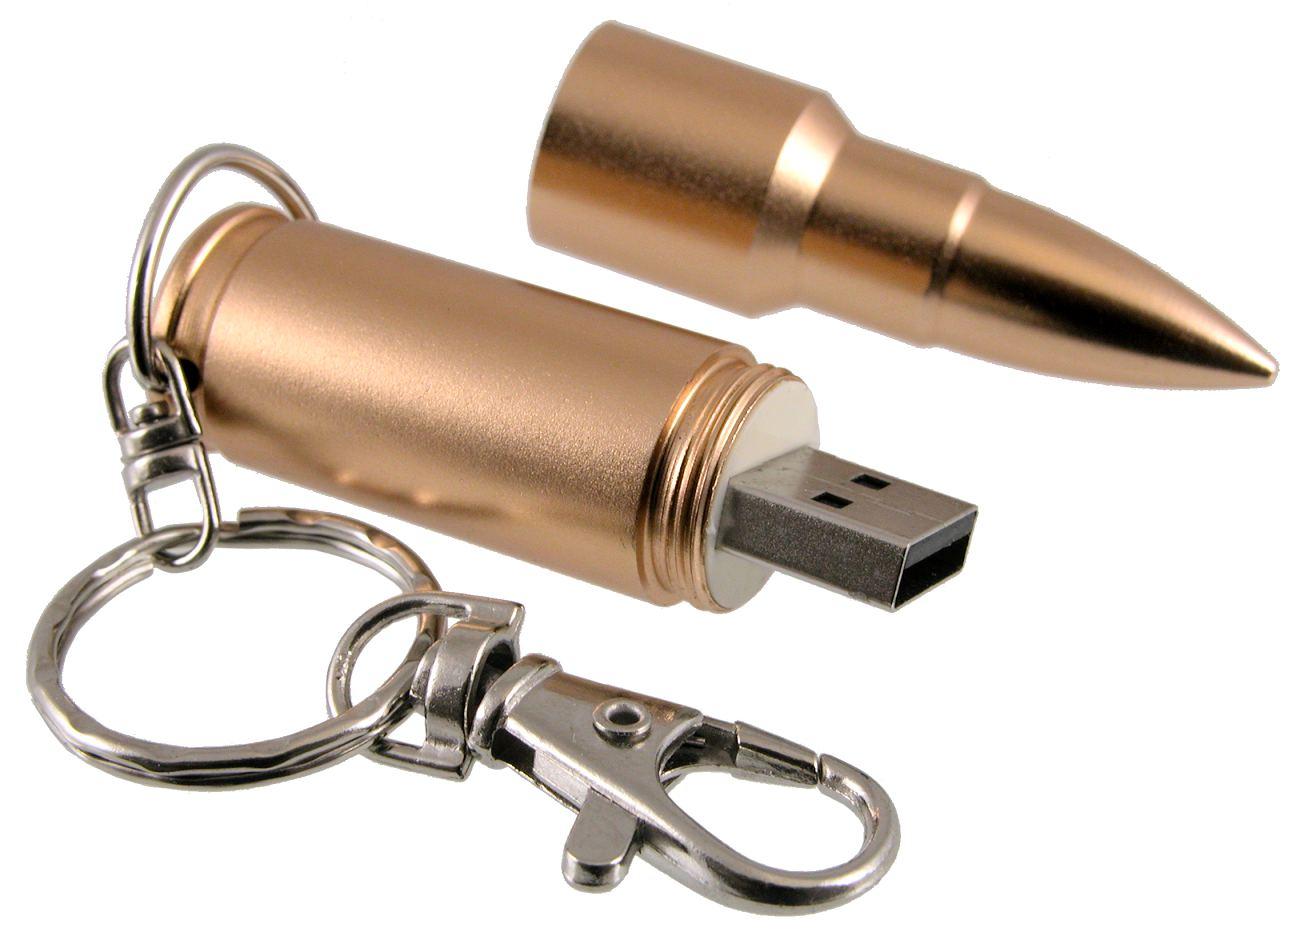 Golden Bullet Usb Stick Cd195